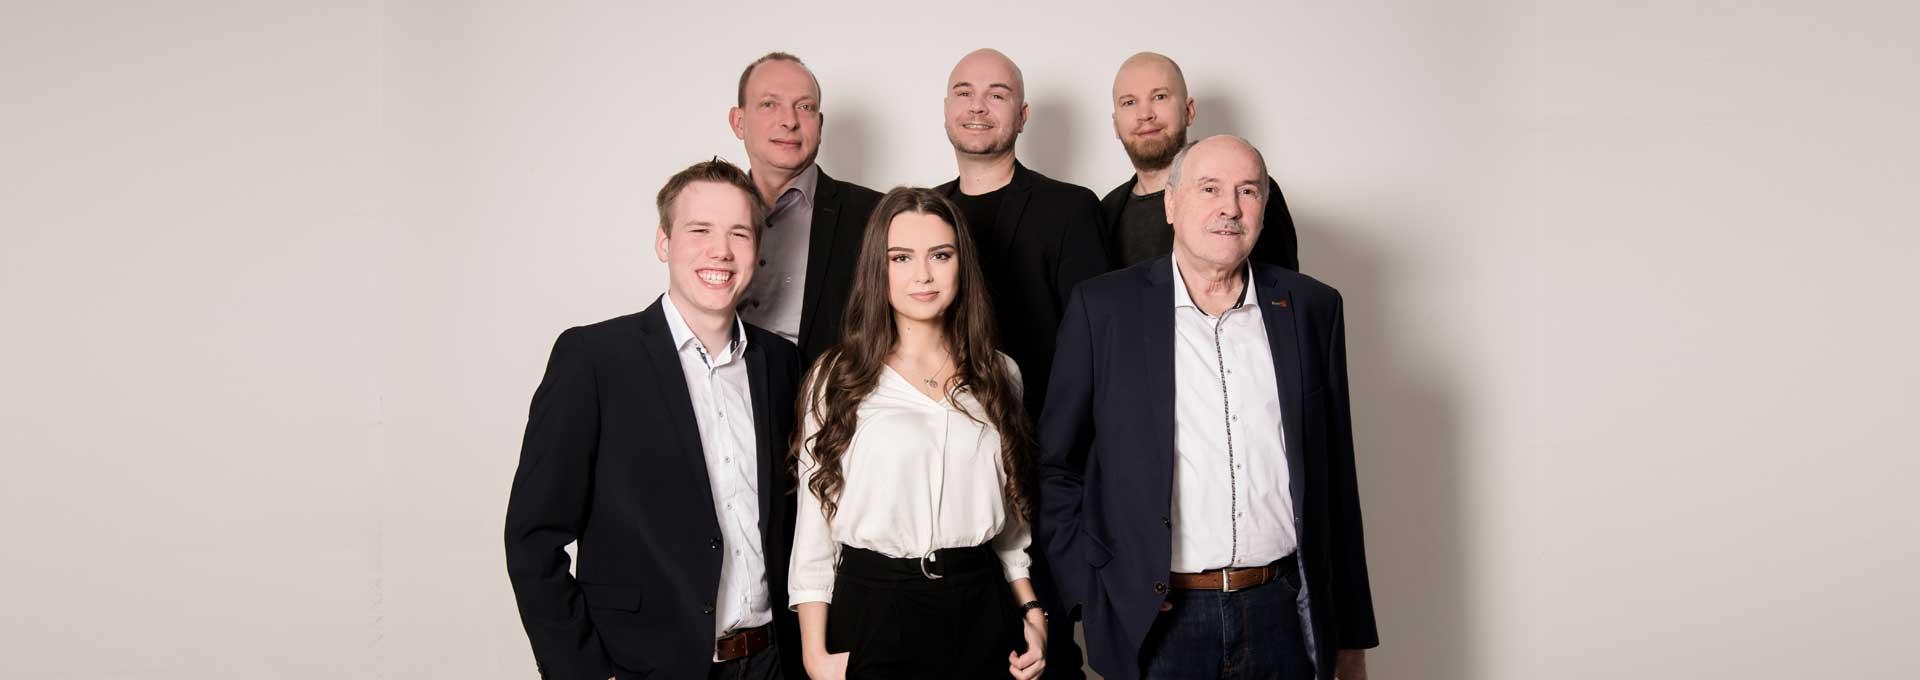 Makler Puttkammer Teamfoto